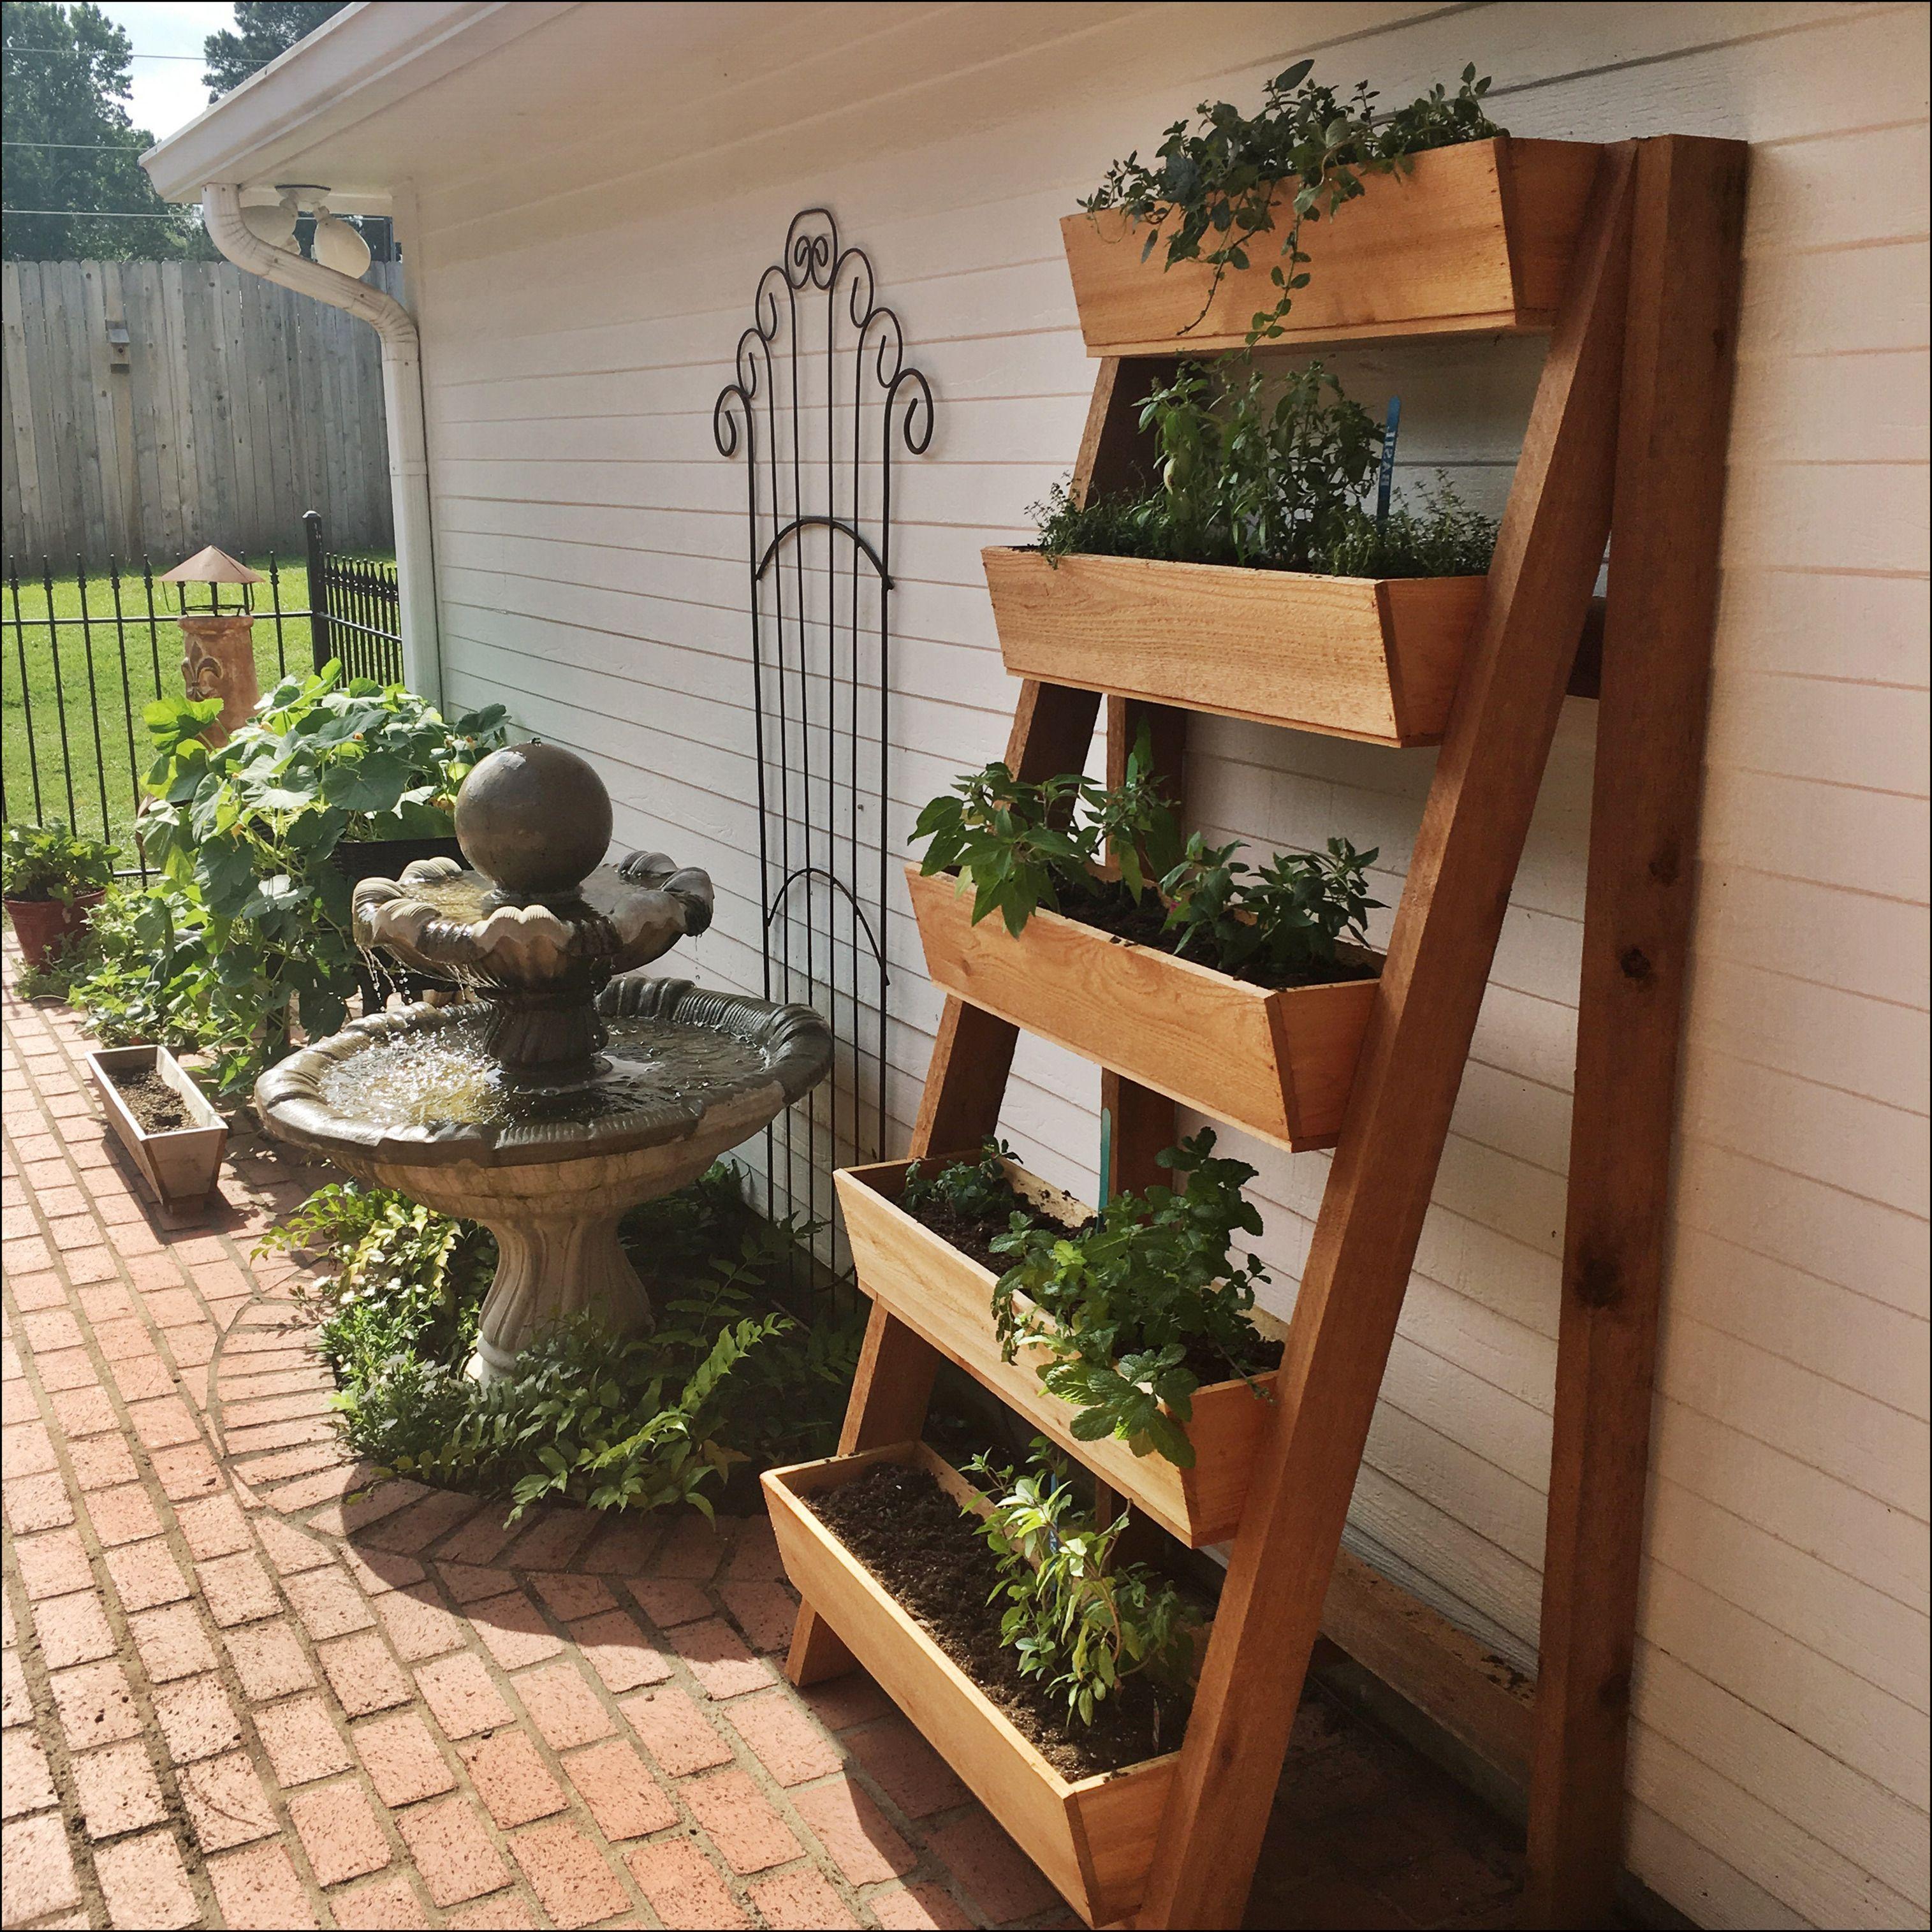 Best 15 Creative Diy Vertical Garden Ideas To Increase For Your Home Outdoor Vertical Garden Diy Vertical Herb Garden Vertical Garden